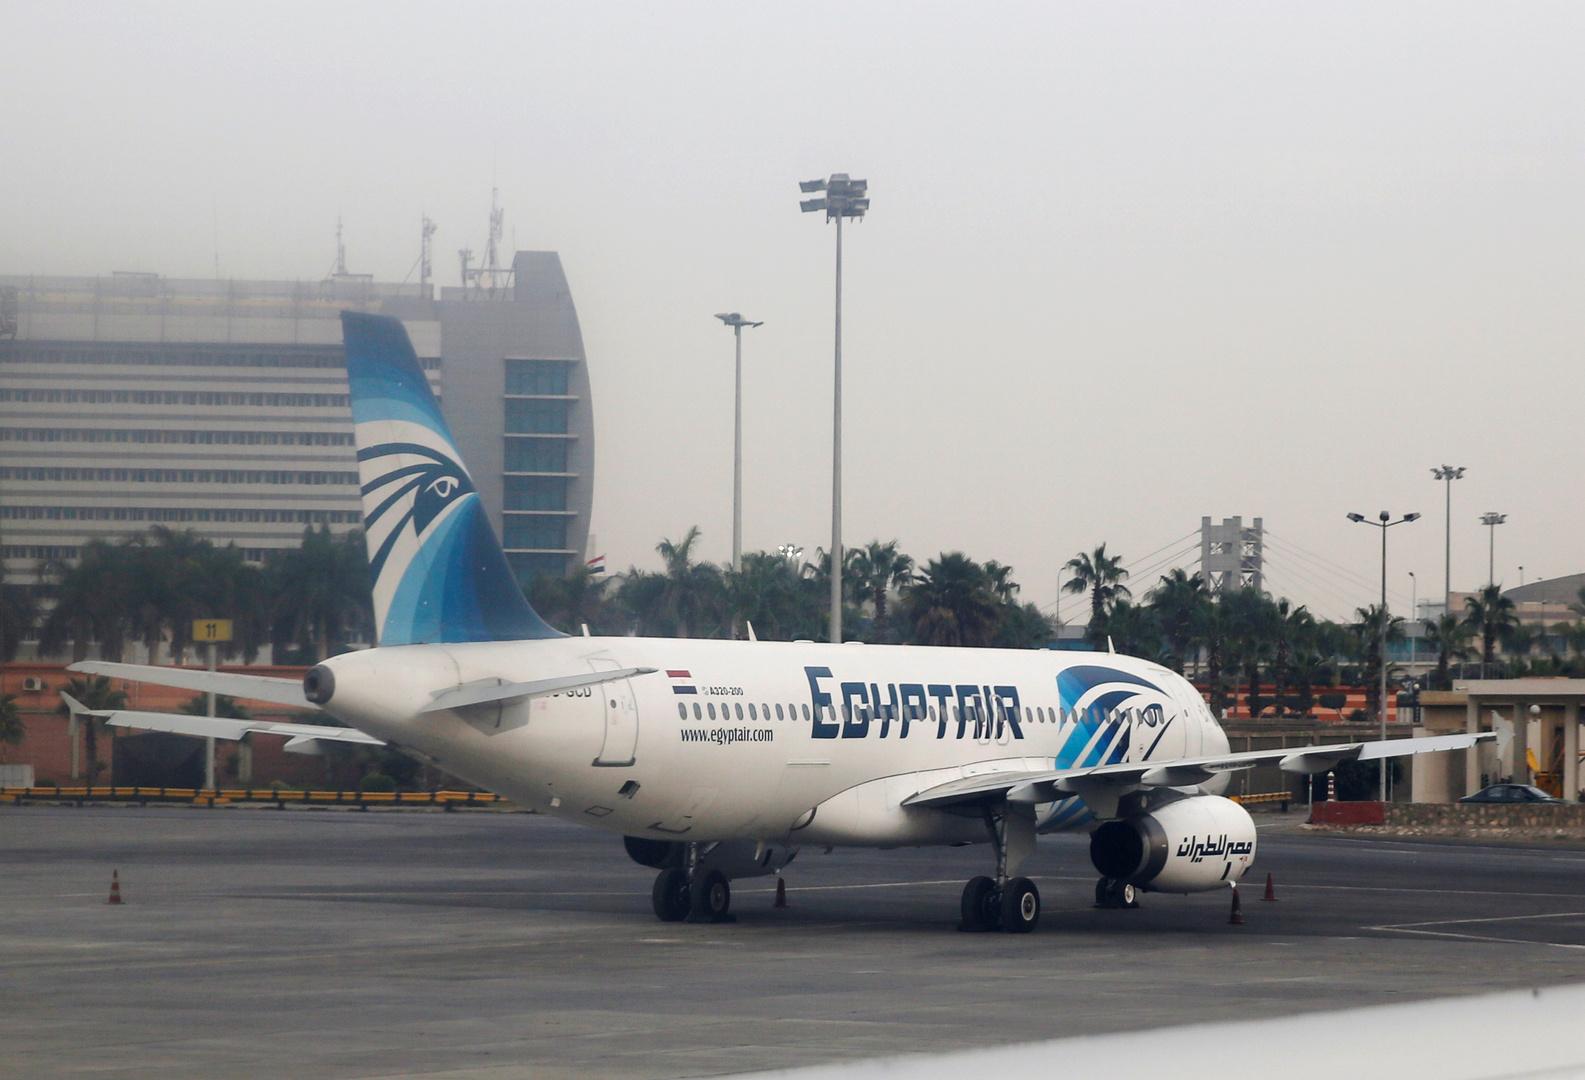 مصر للطيران تعلق رحلاتها إلى بغداد يومين بسبب الأوضاع الأمنية